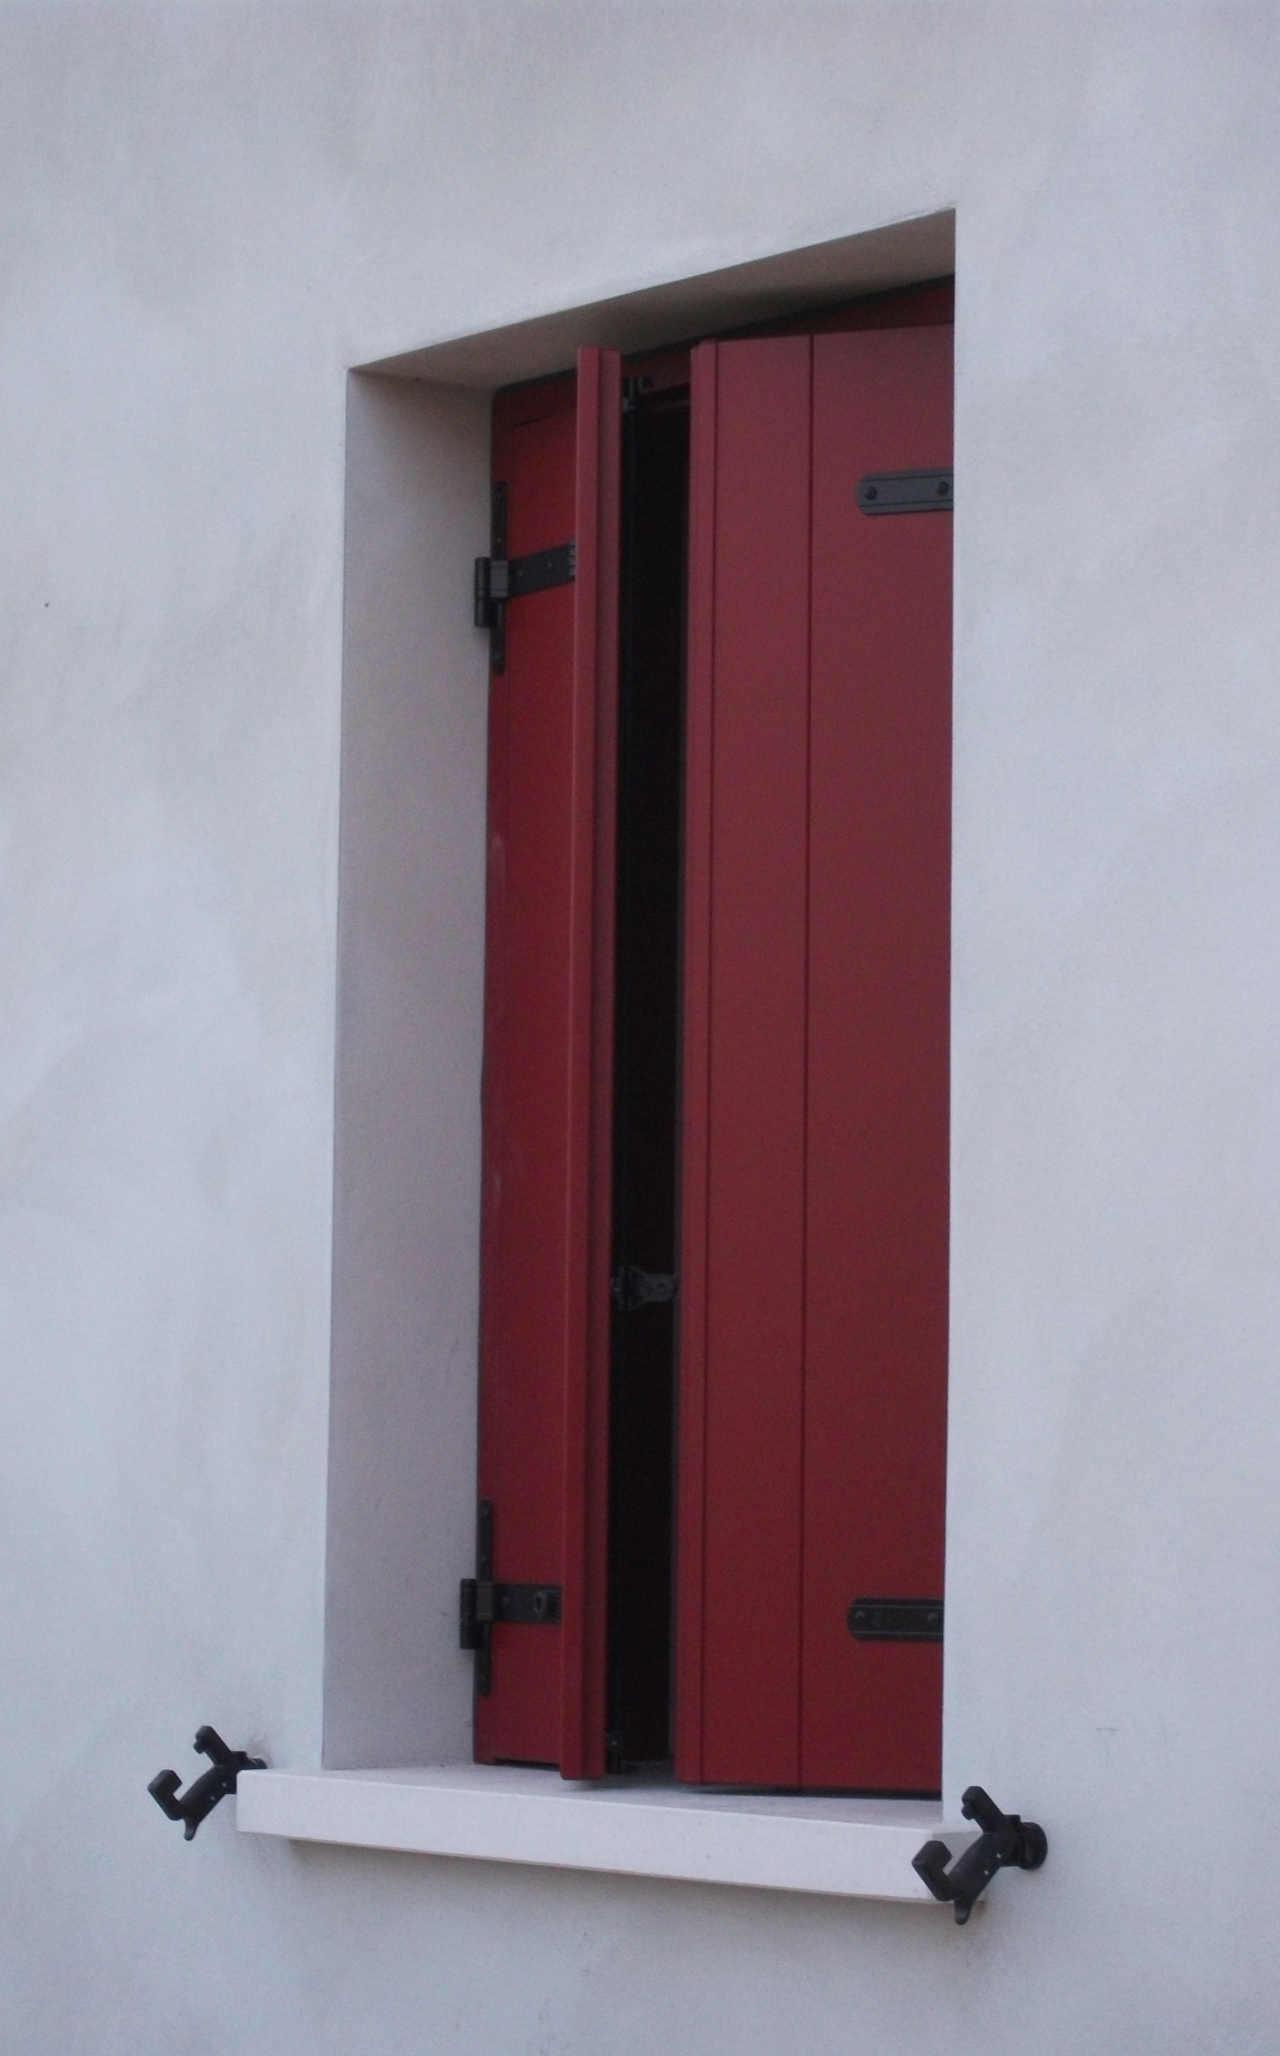 Contatti Ufficio Linea Emme Serramenti Realizzazioni In Pvc Finestre E Porte 14